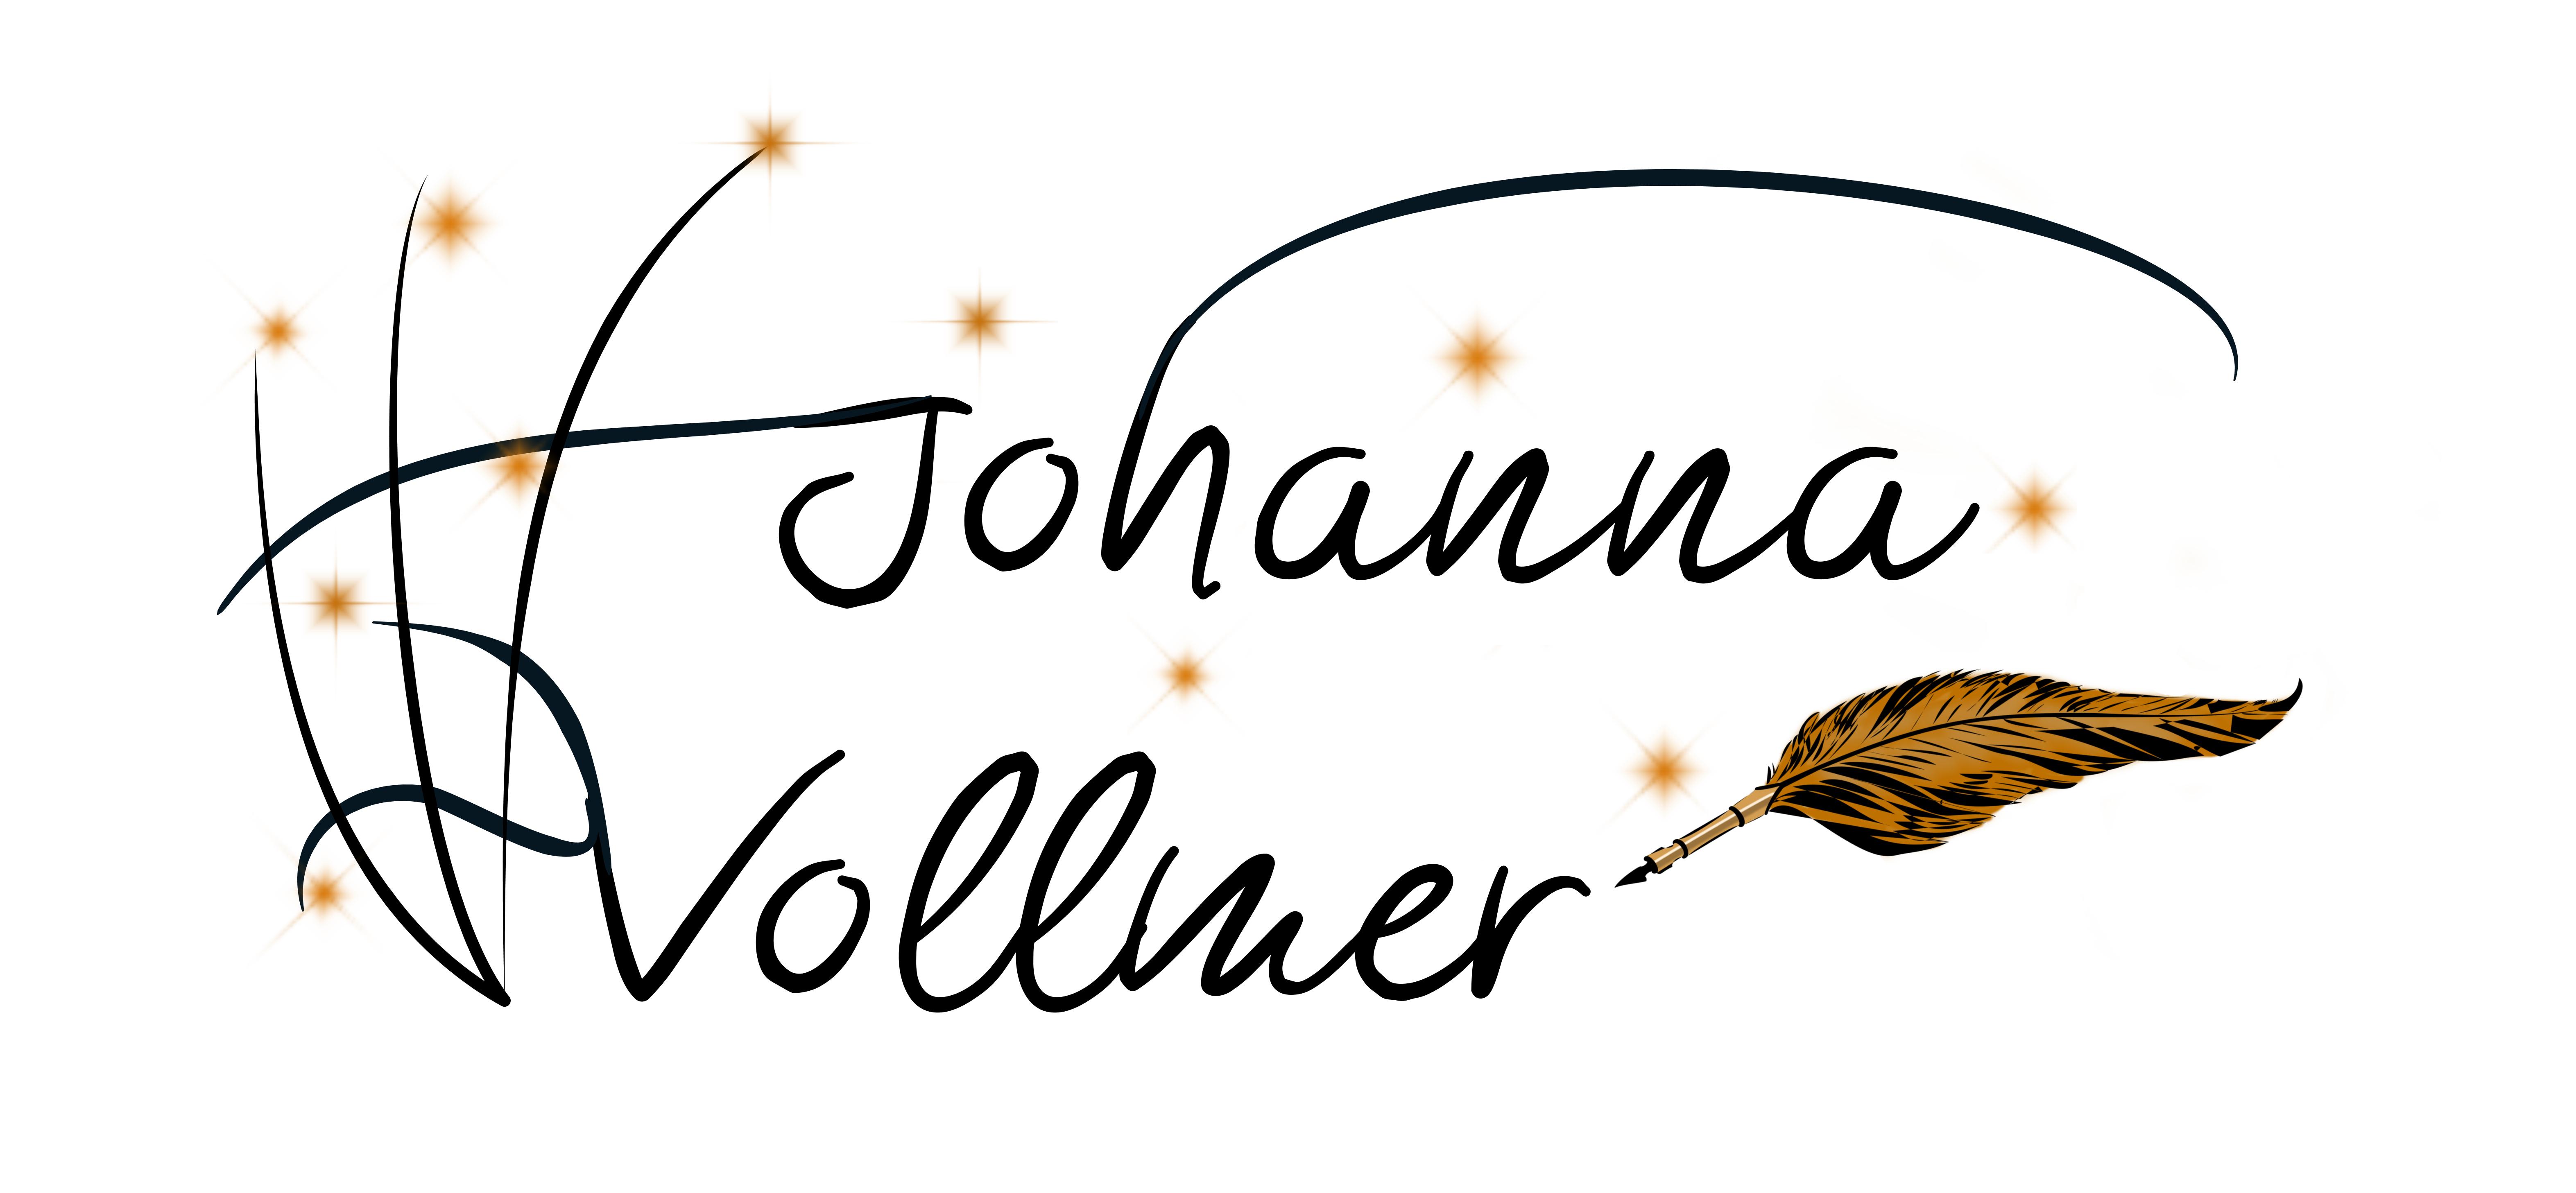 Schriftzug Johanna Vollmer